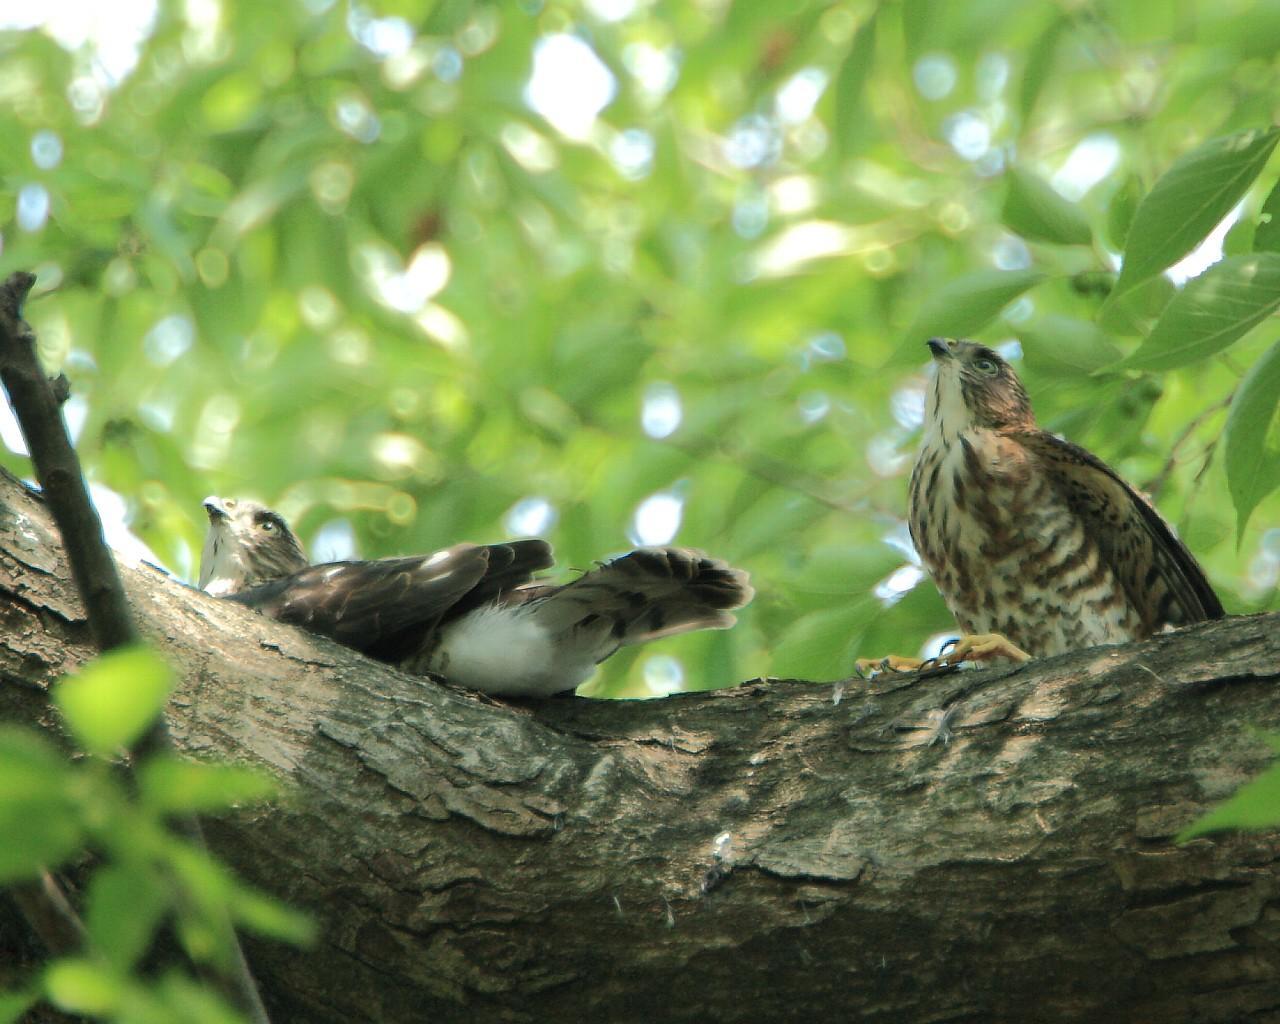 ツミ若鳥2羽元気でした。_f0105570_23135618.jpg